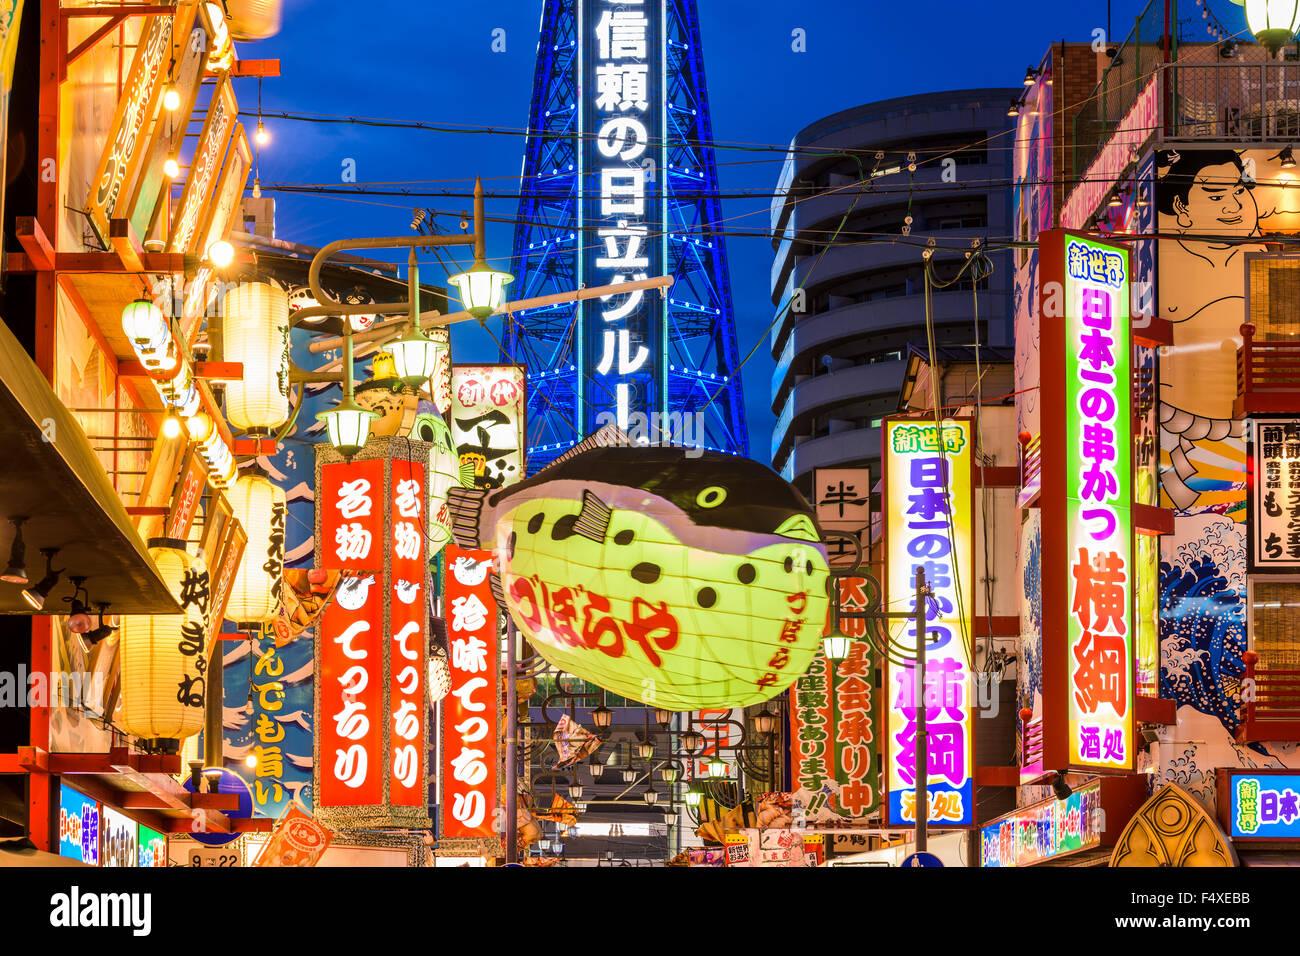 Il quartiere Shinsekai di Osaka, in Giappone. Immagini Stock